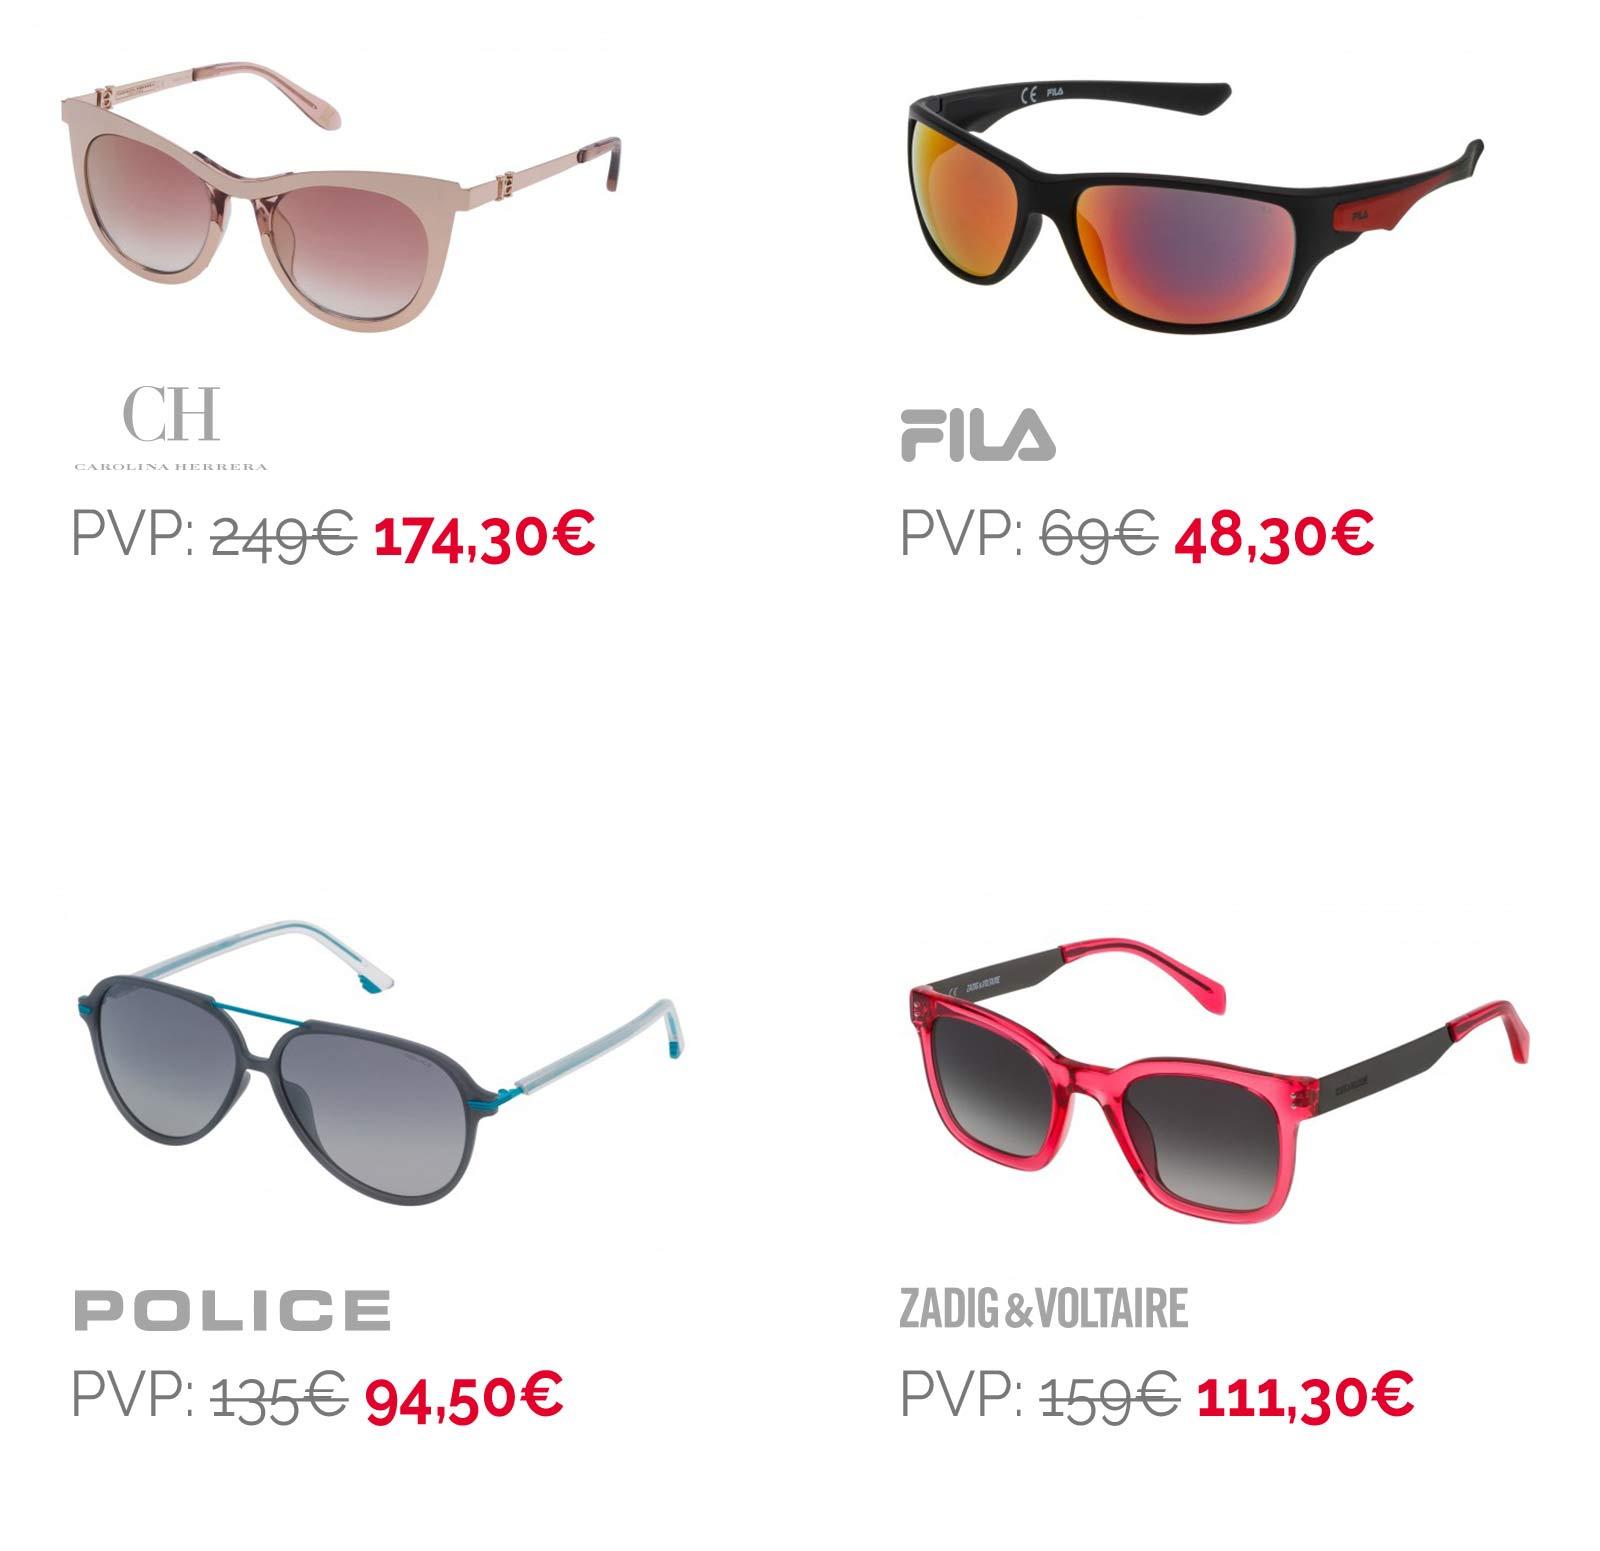 4061e8afd ... pode-se, através da web e com um único clique, verificar a  disponibilidade de qualquer modelo na loja. Escolher os óculos prediletos e  renovar-se!